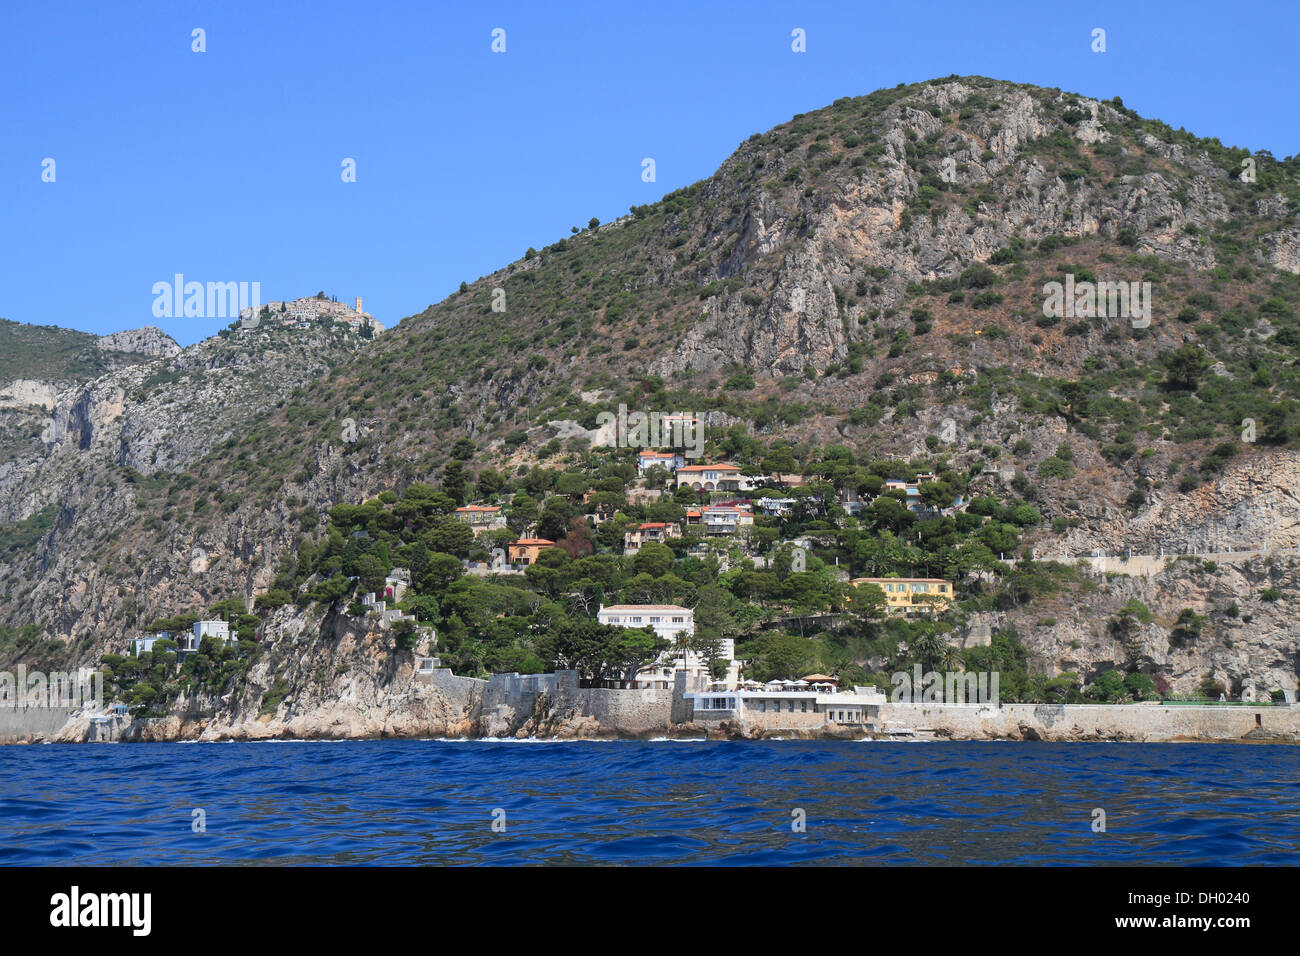 Image Bord De Mer eze village and eze bord de mer, seen from the sea, côte d